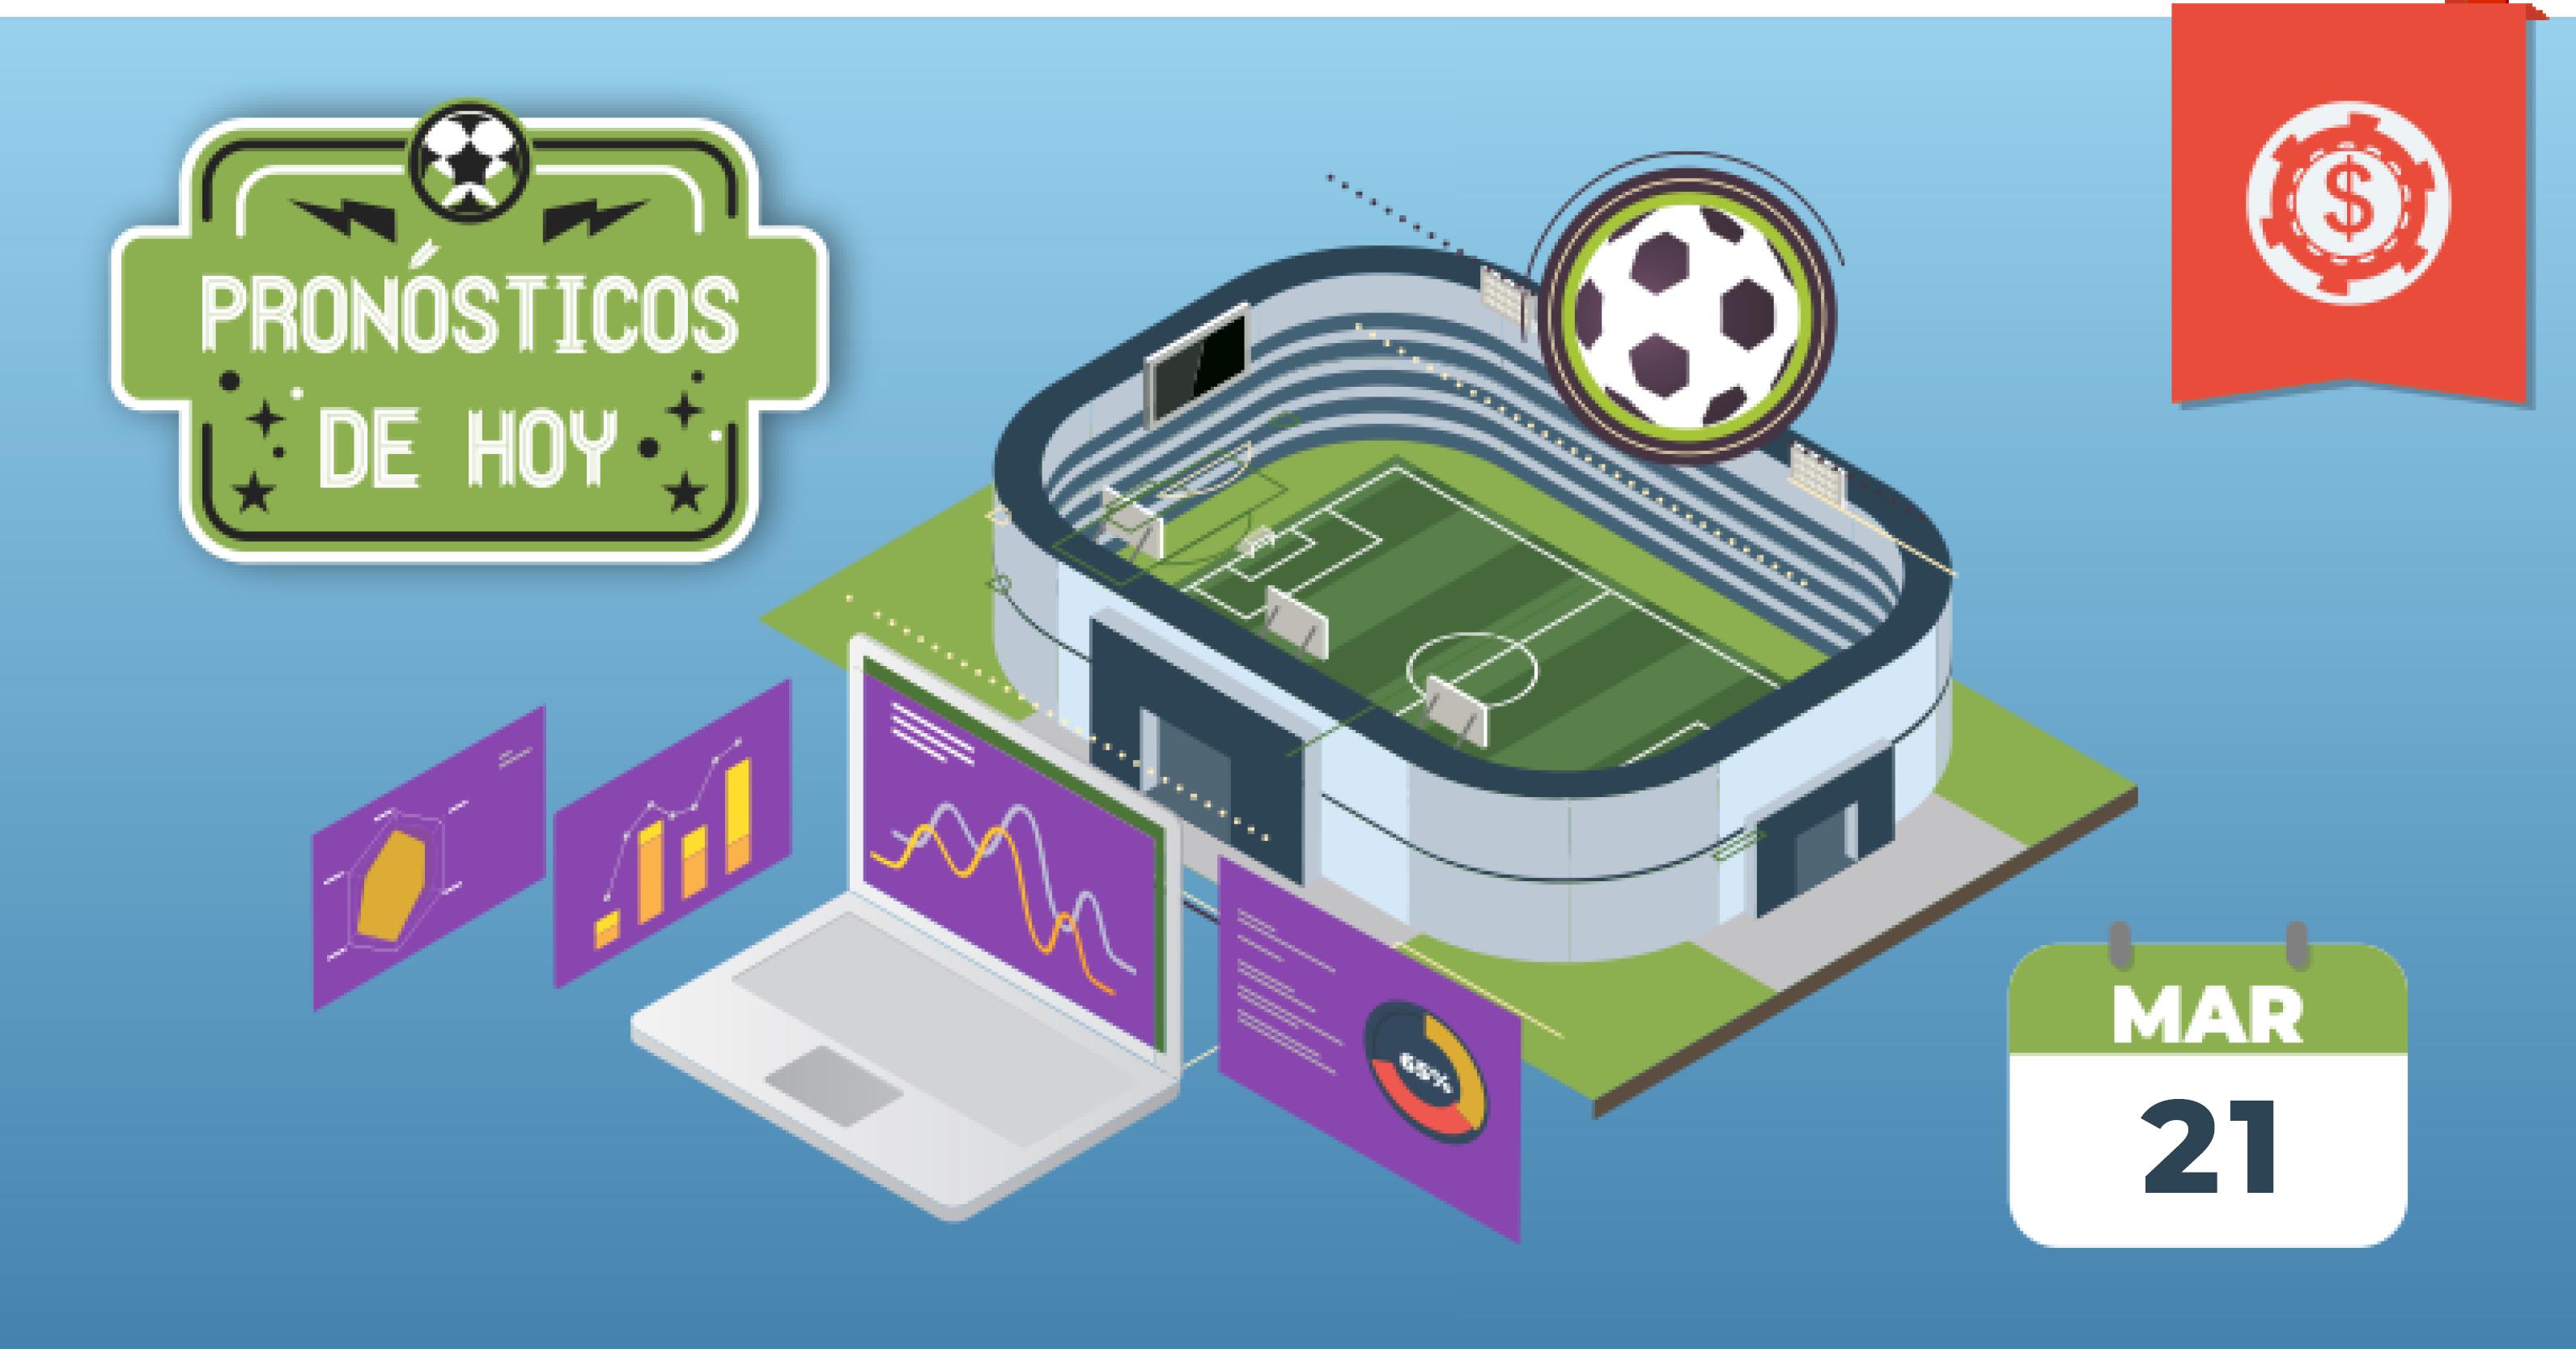 pronosticos-futbol-hoy-predicciones-21-marzo-2019